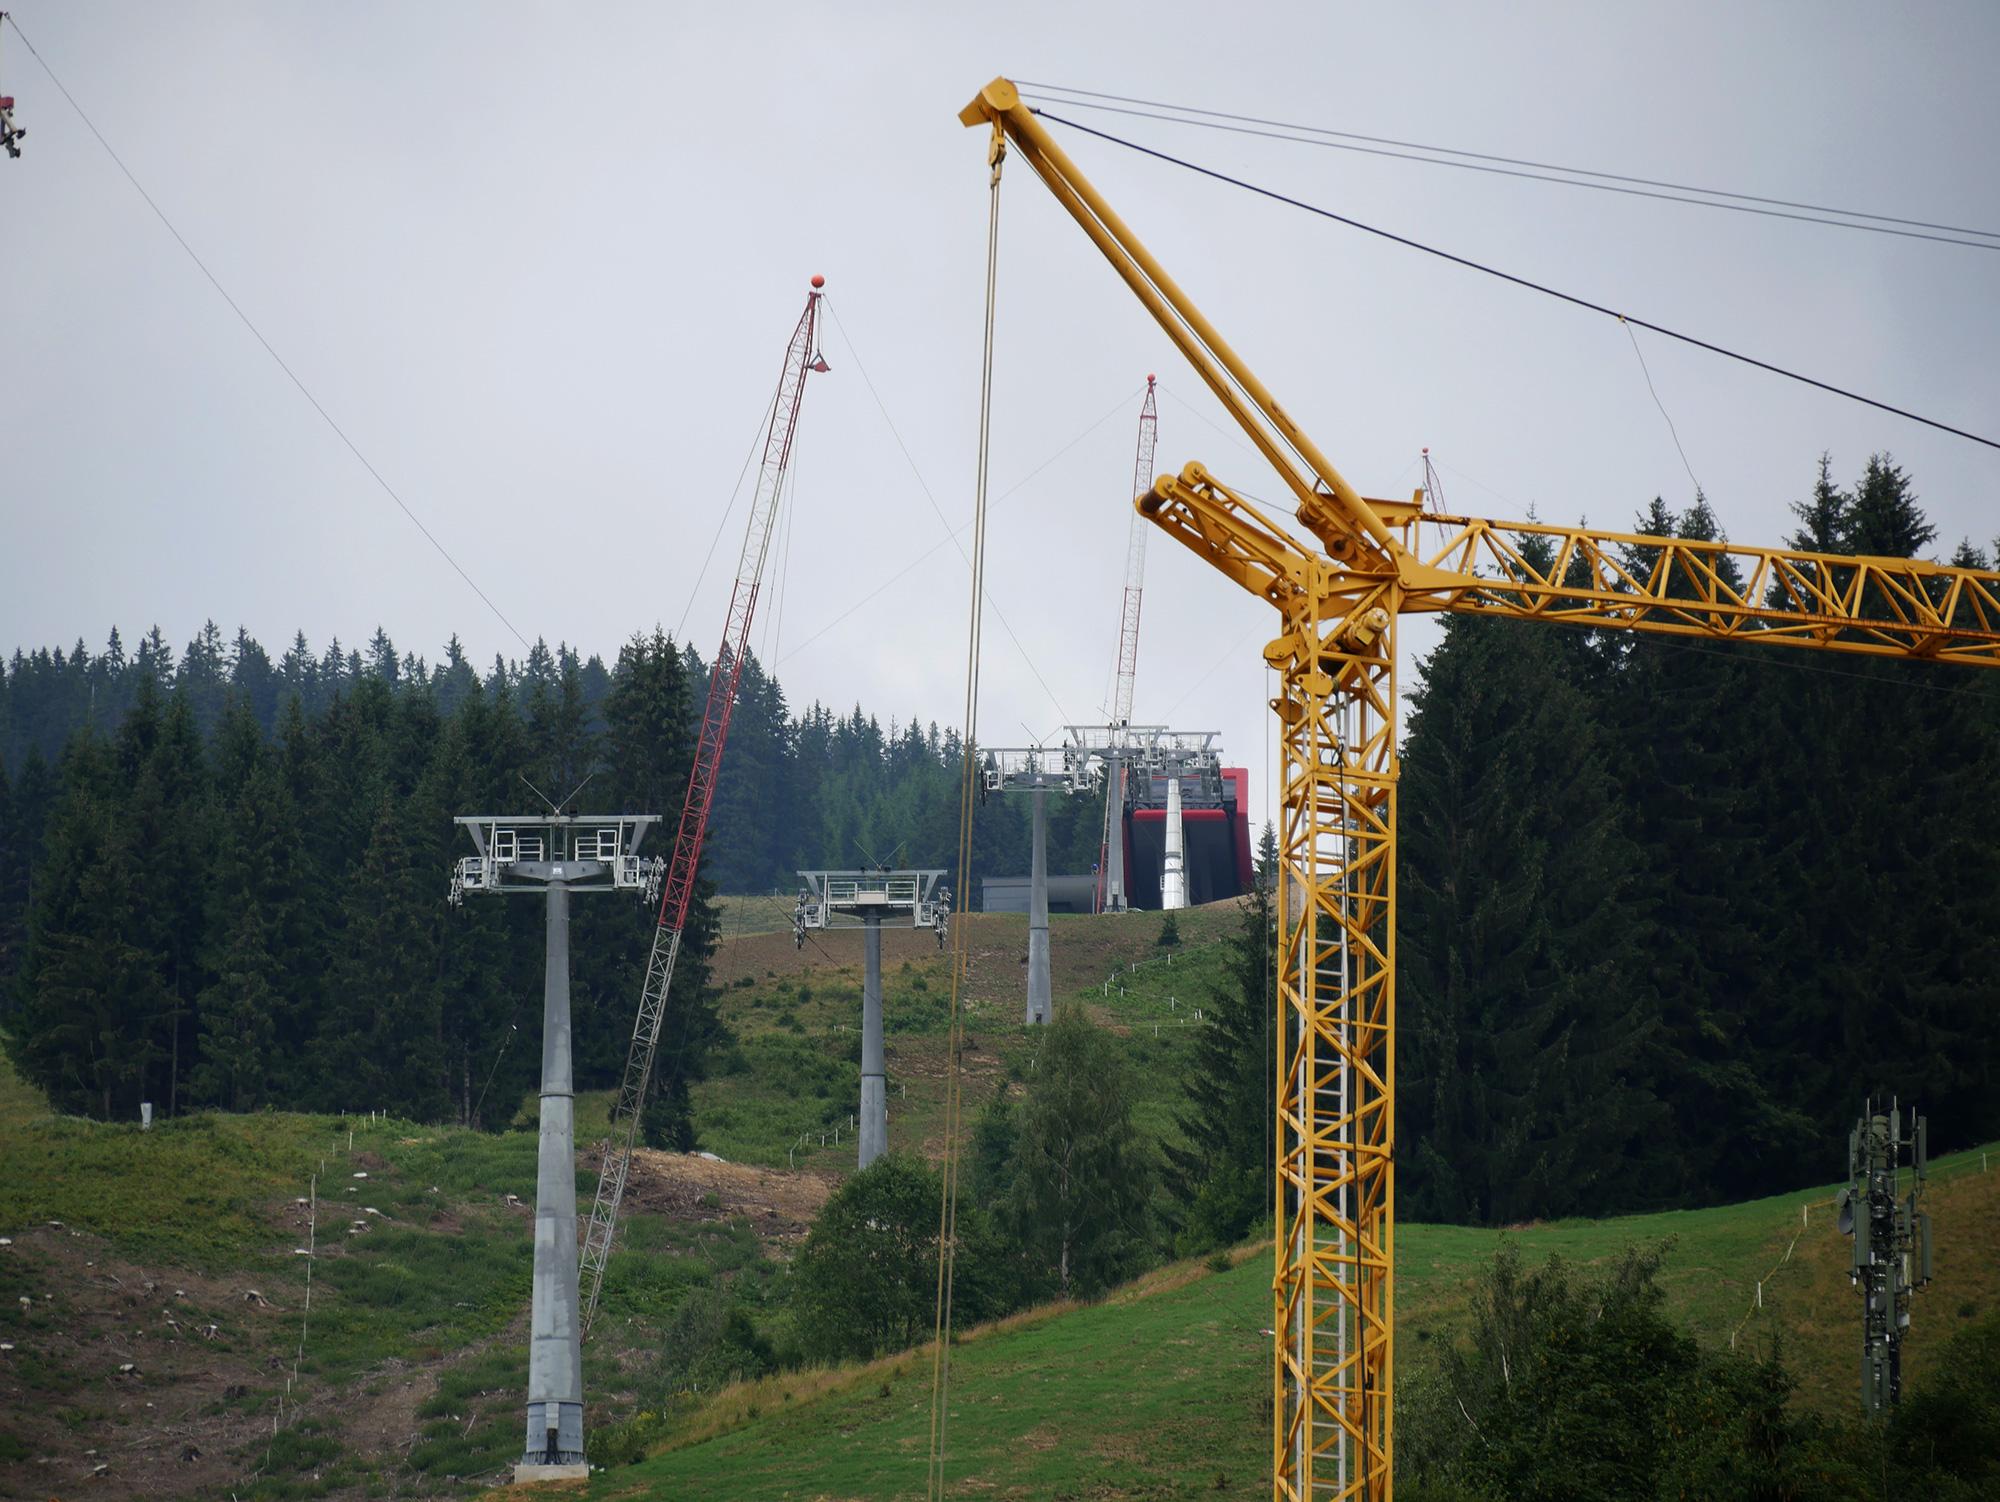 Baustelle der Kohlmaisgipfelbahn in Saalbach © Christian Schön